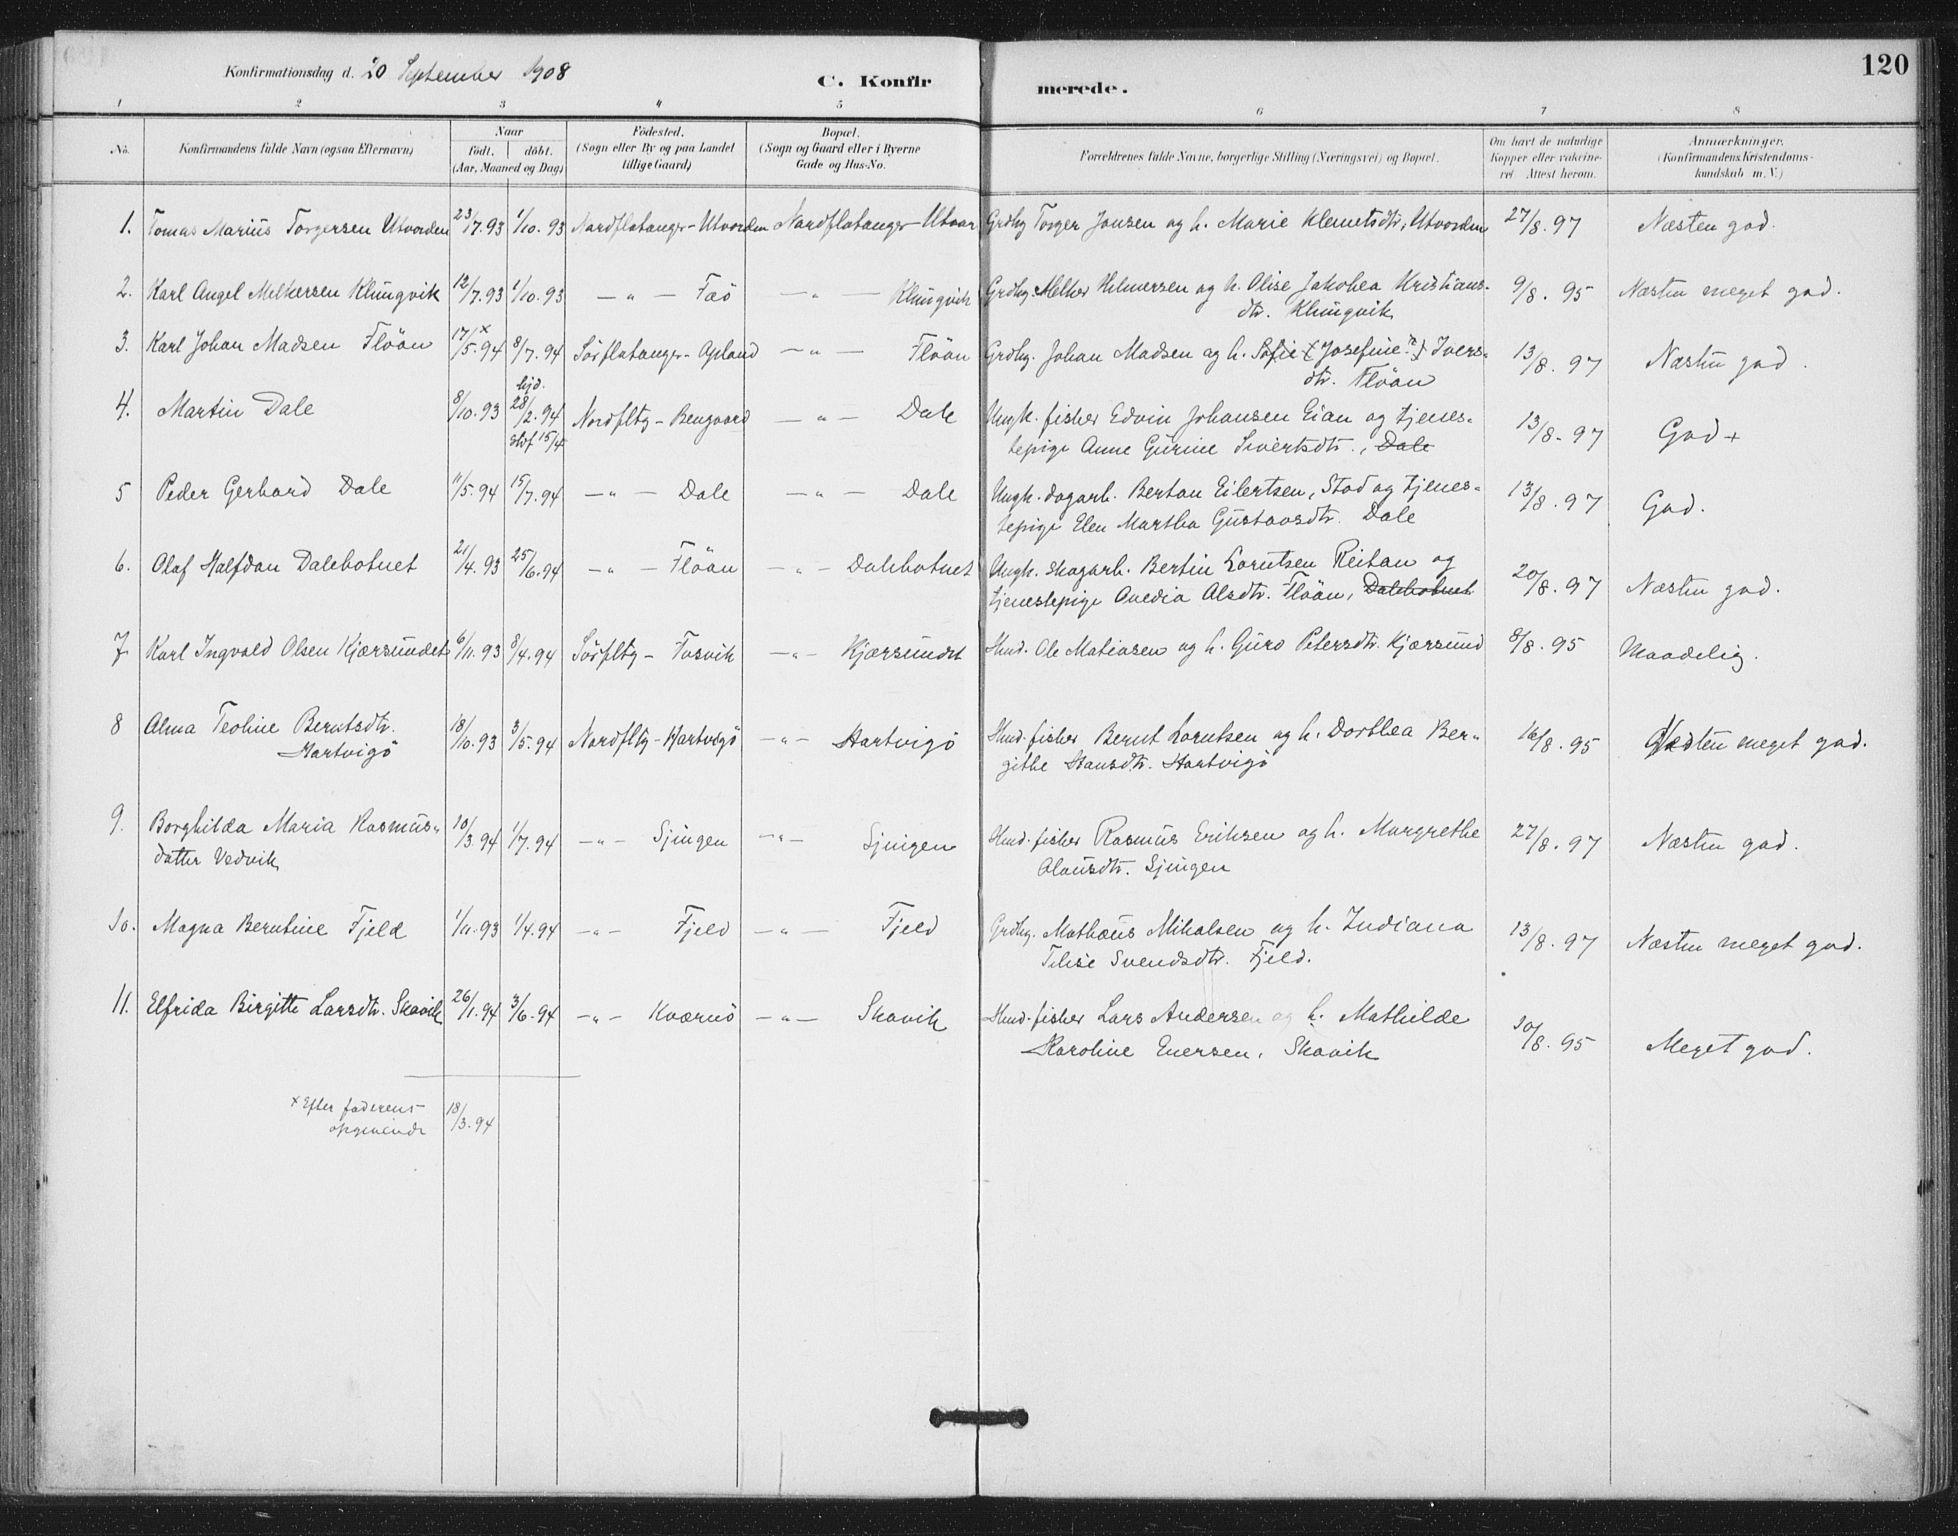 SAT, Ministerialprotokoller, klokkerbøker og fødselsregistre - Nord-Trøndelag, 772/L0603: Ministerialbok nr. 772A01, 1885-1912, s. 120